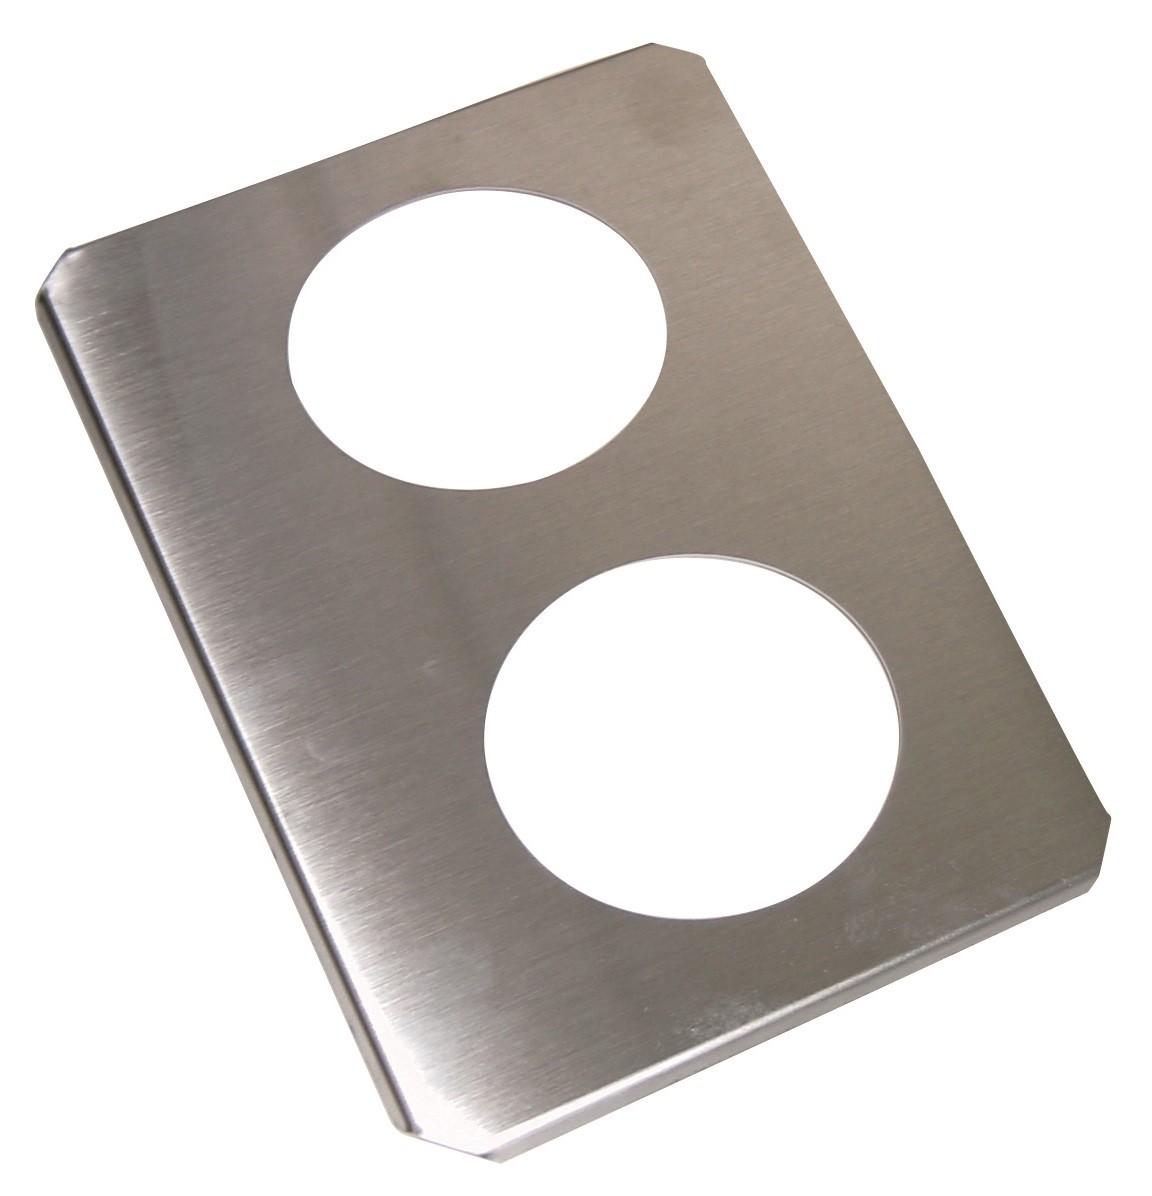 Stainless steel beaker support (2)